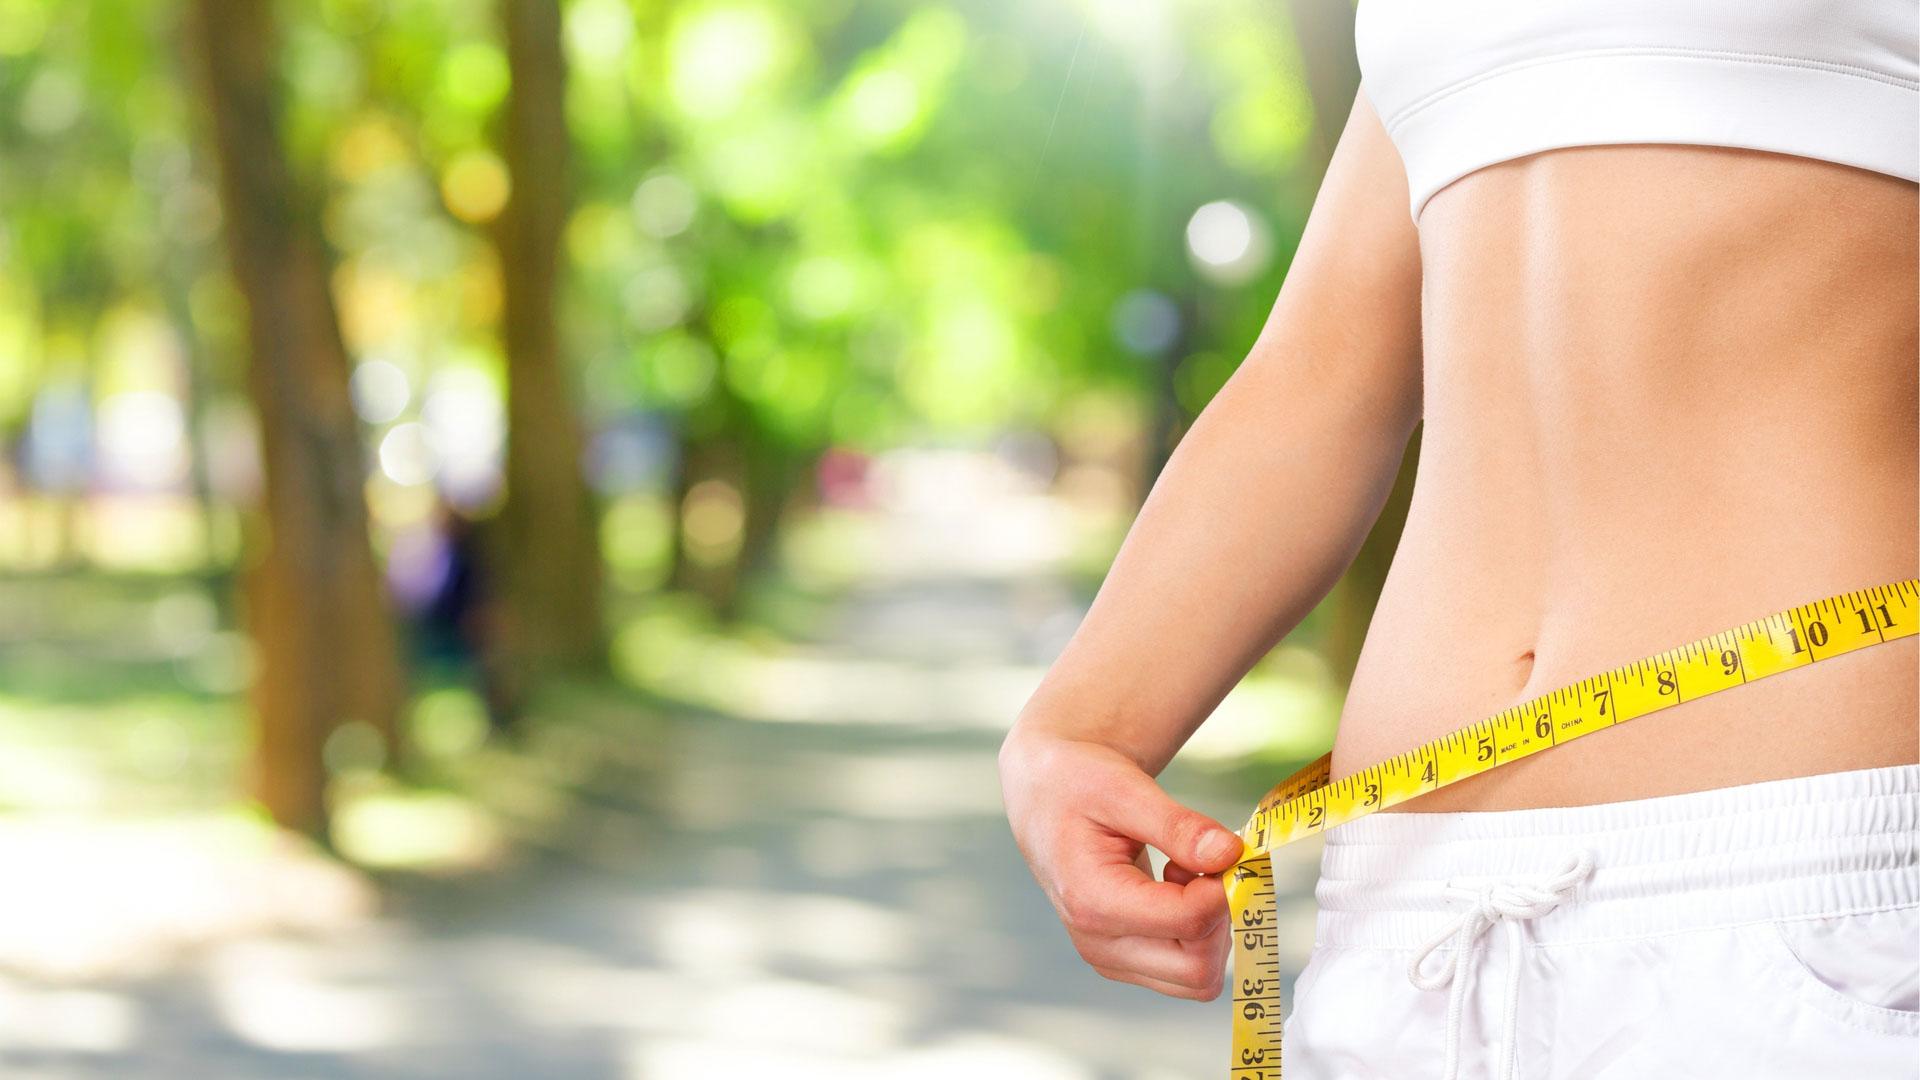 cum să pierdeți rapid în greutate având pcos